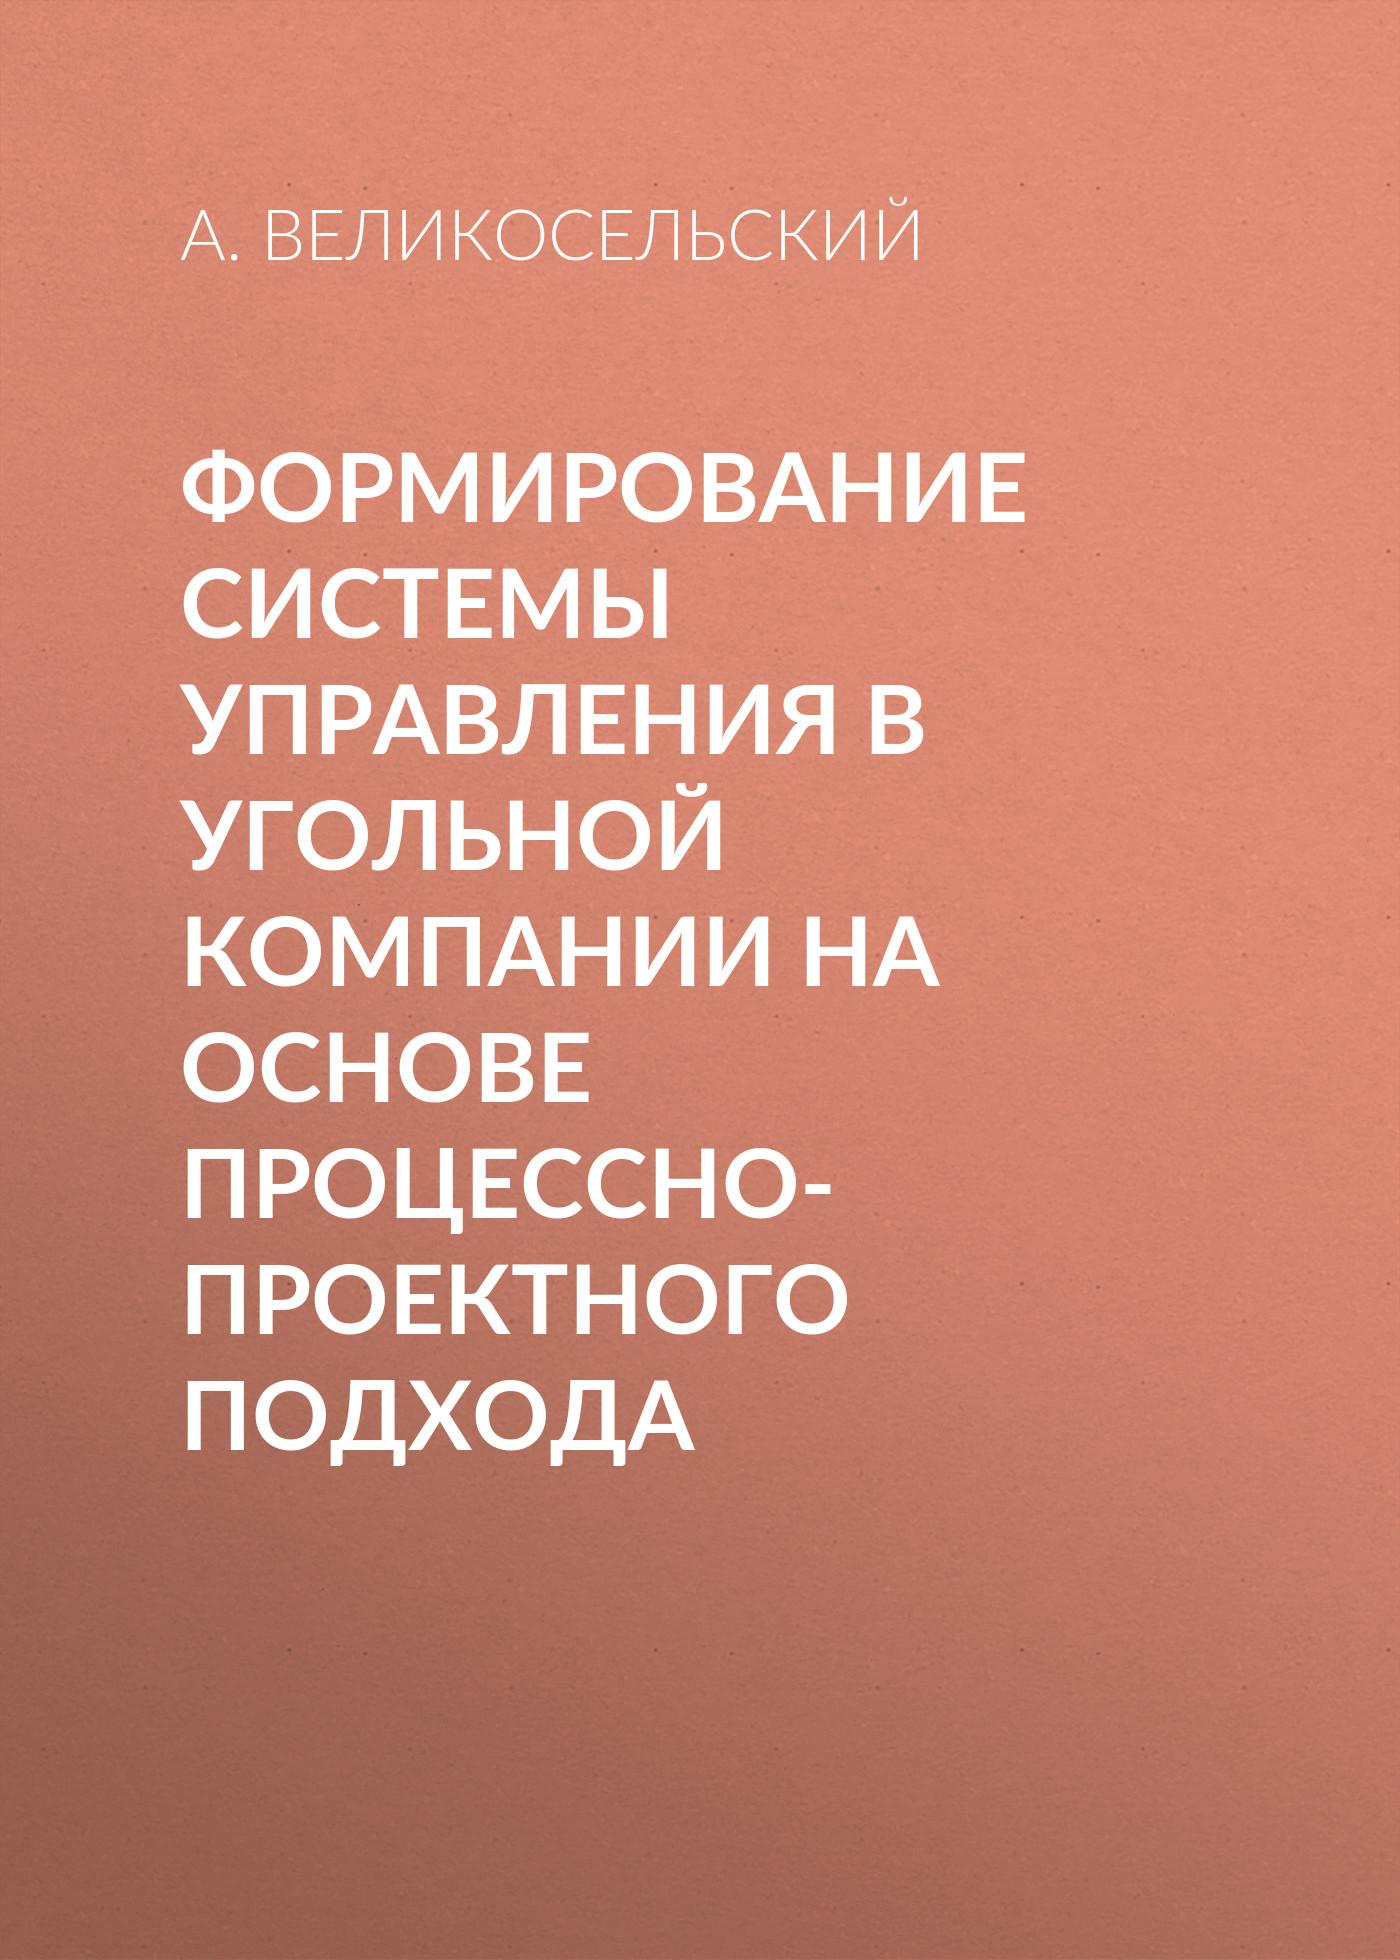 А. Великосельский Формирование системы управления в угольной компании на основе процессно-проектного подхода